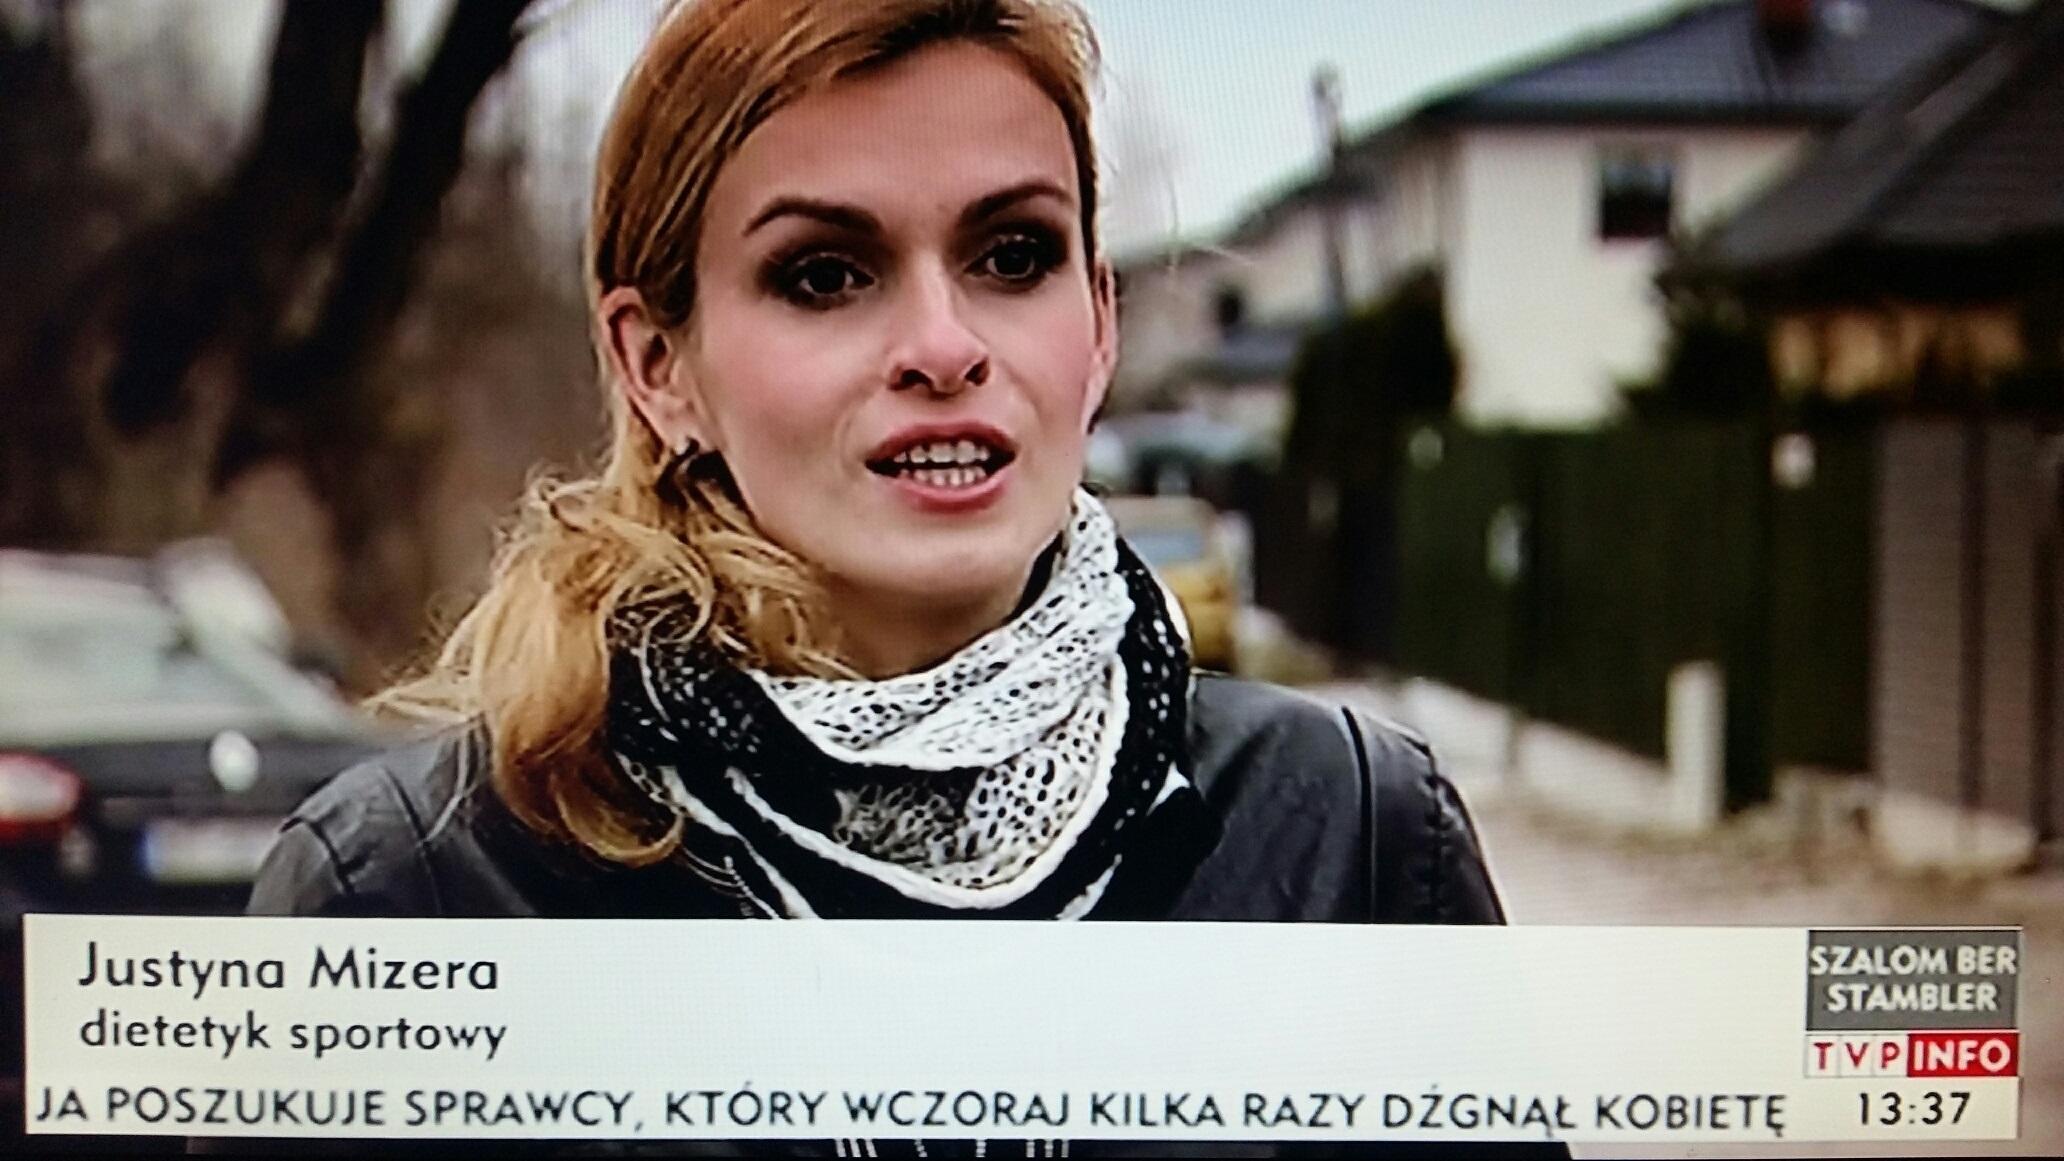 Sportowy dietetyk Justyna Mizera